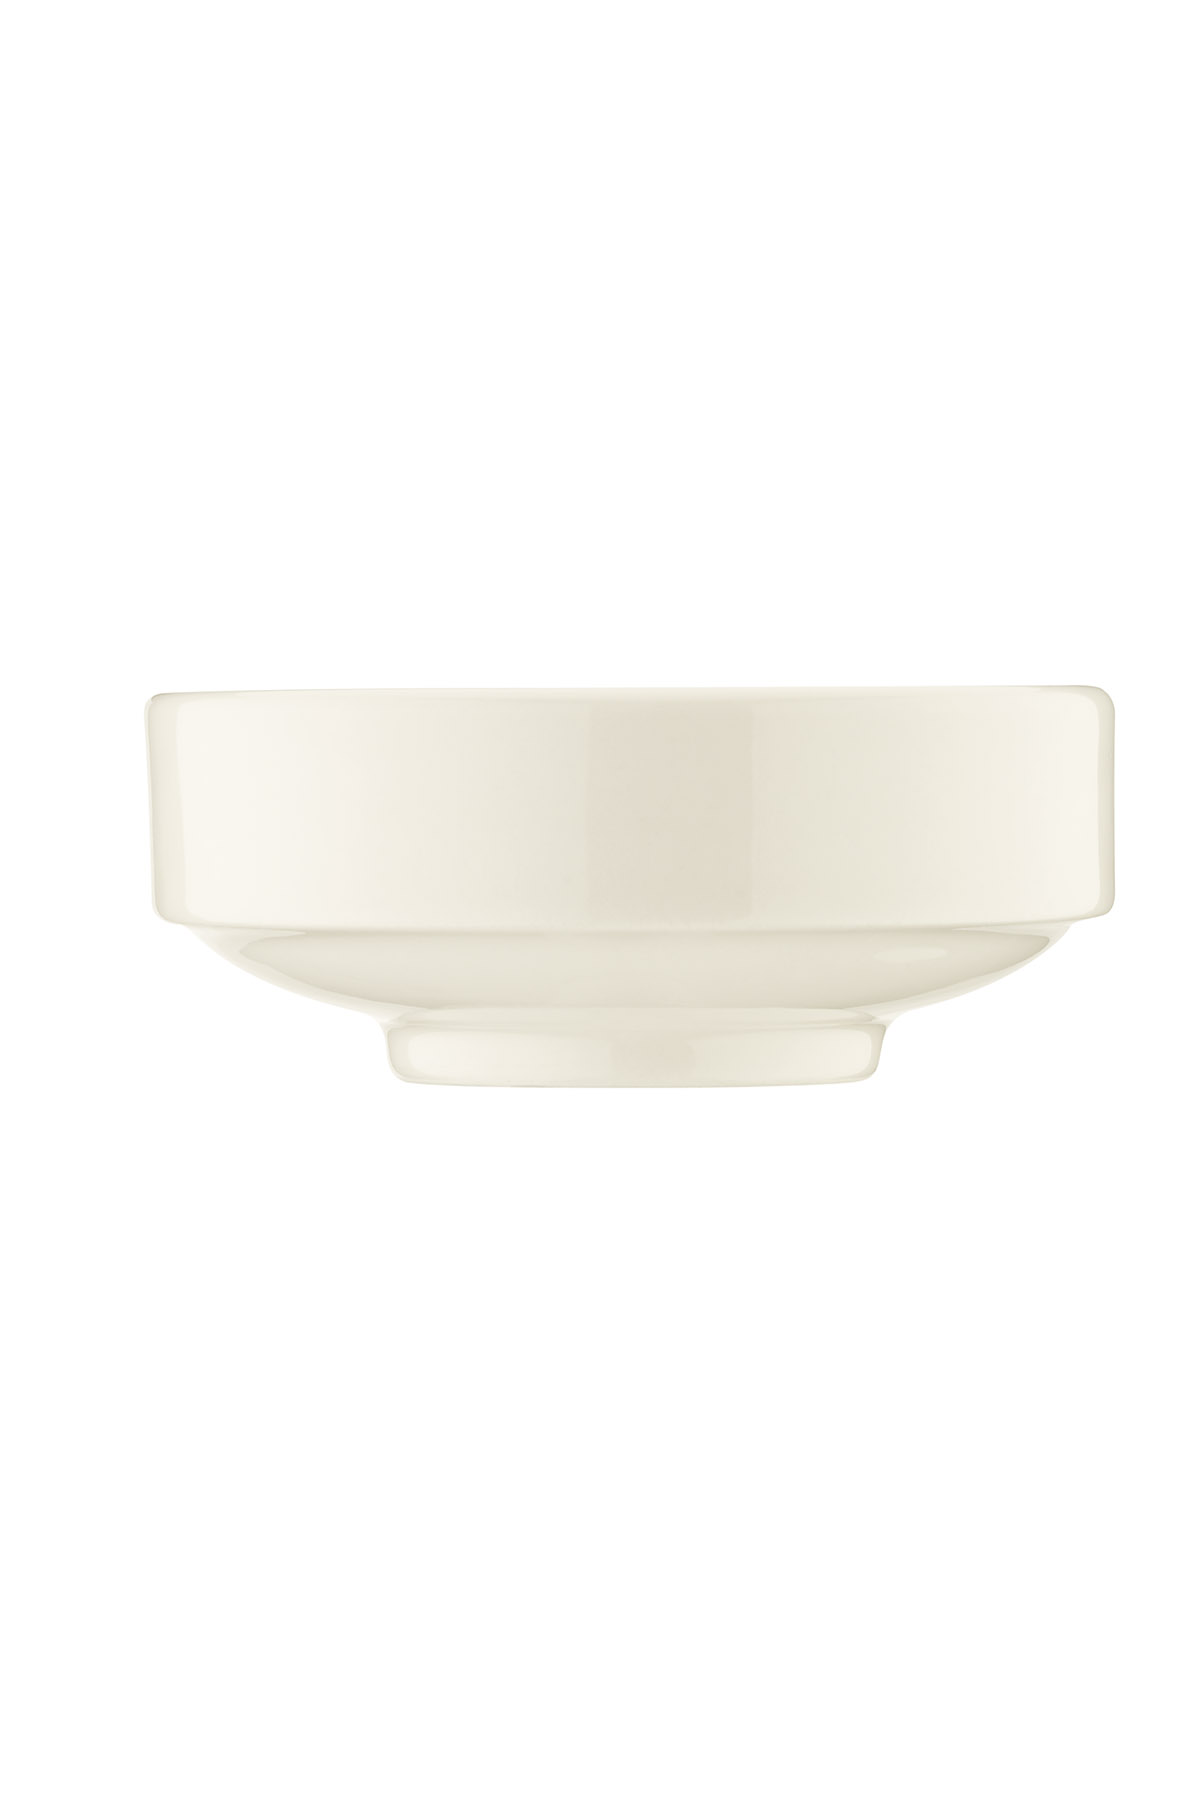 Kütahya Porselen - Kütahya Porselen Chef Taste Of 16 cm Kase Krem